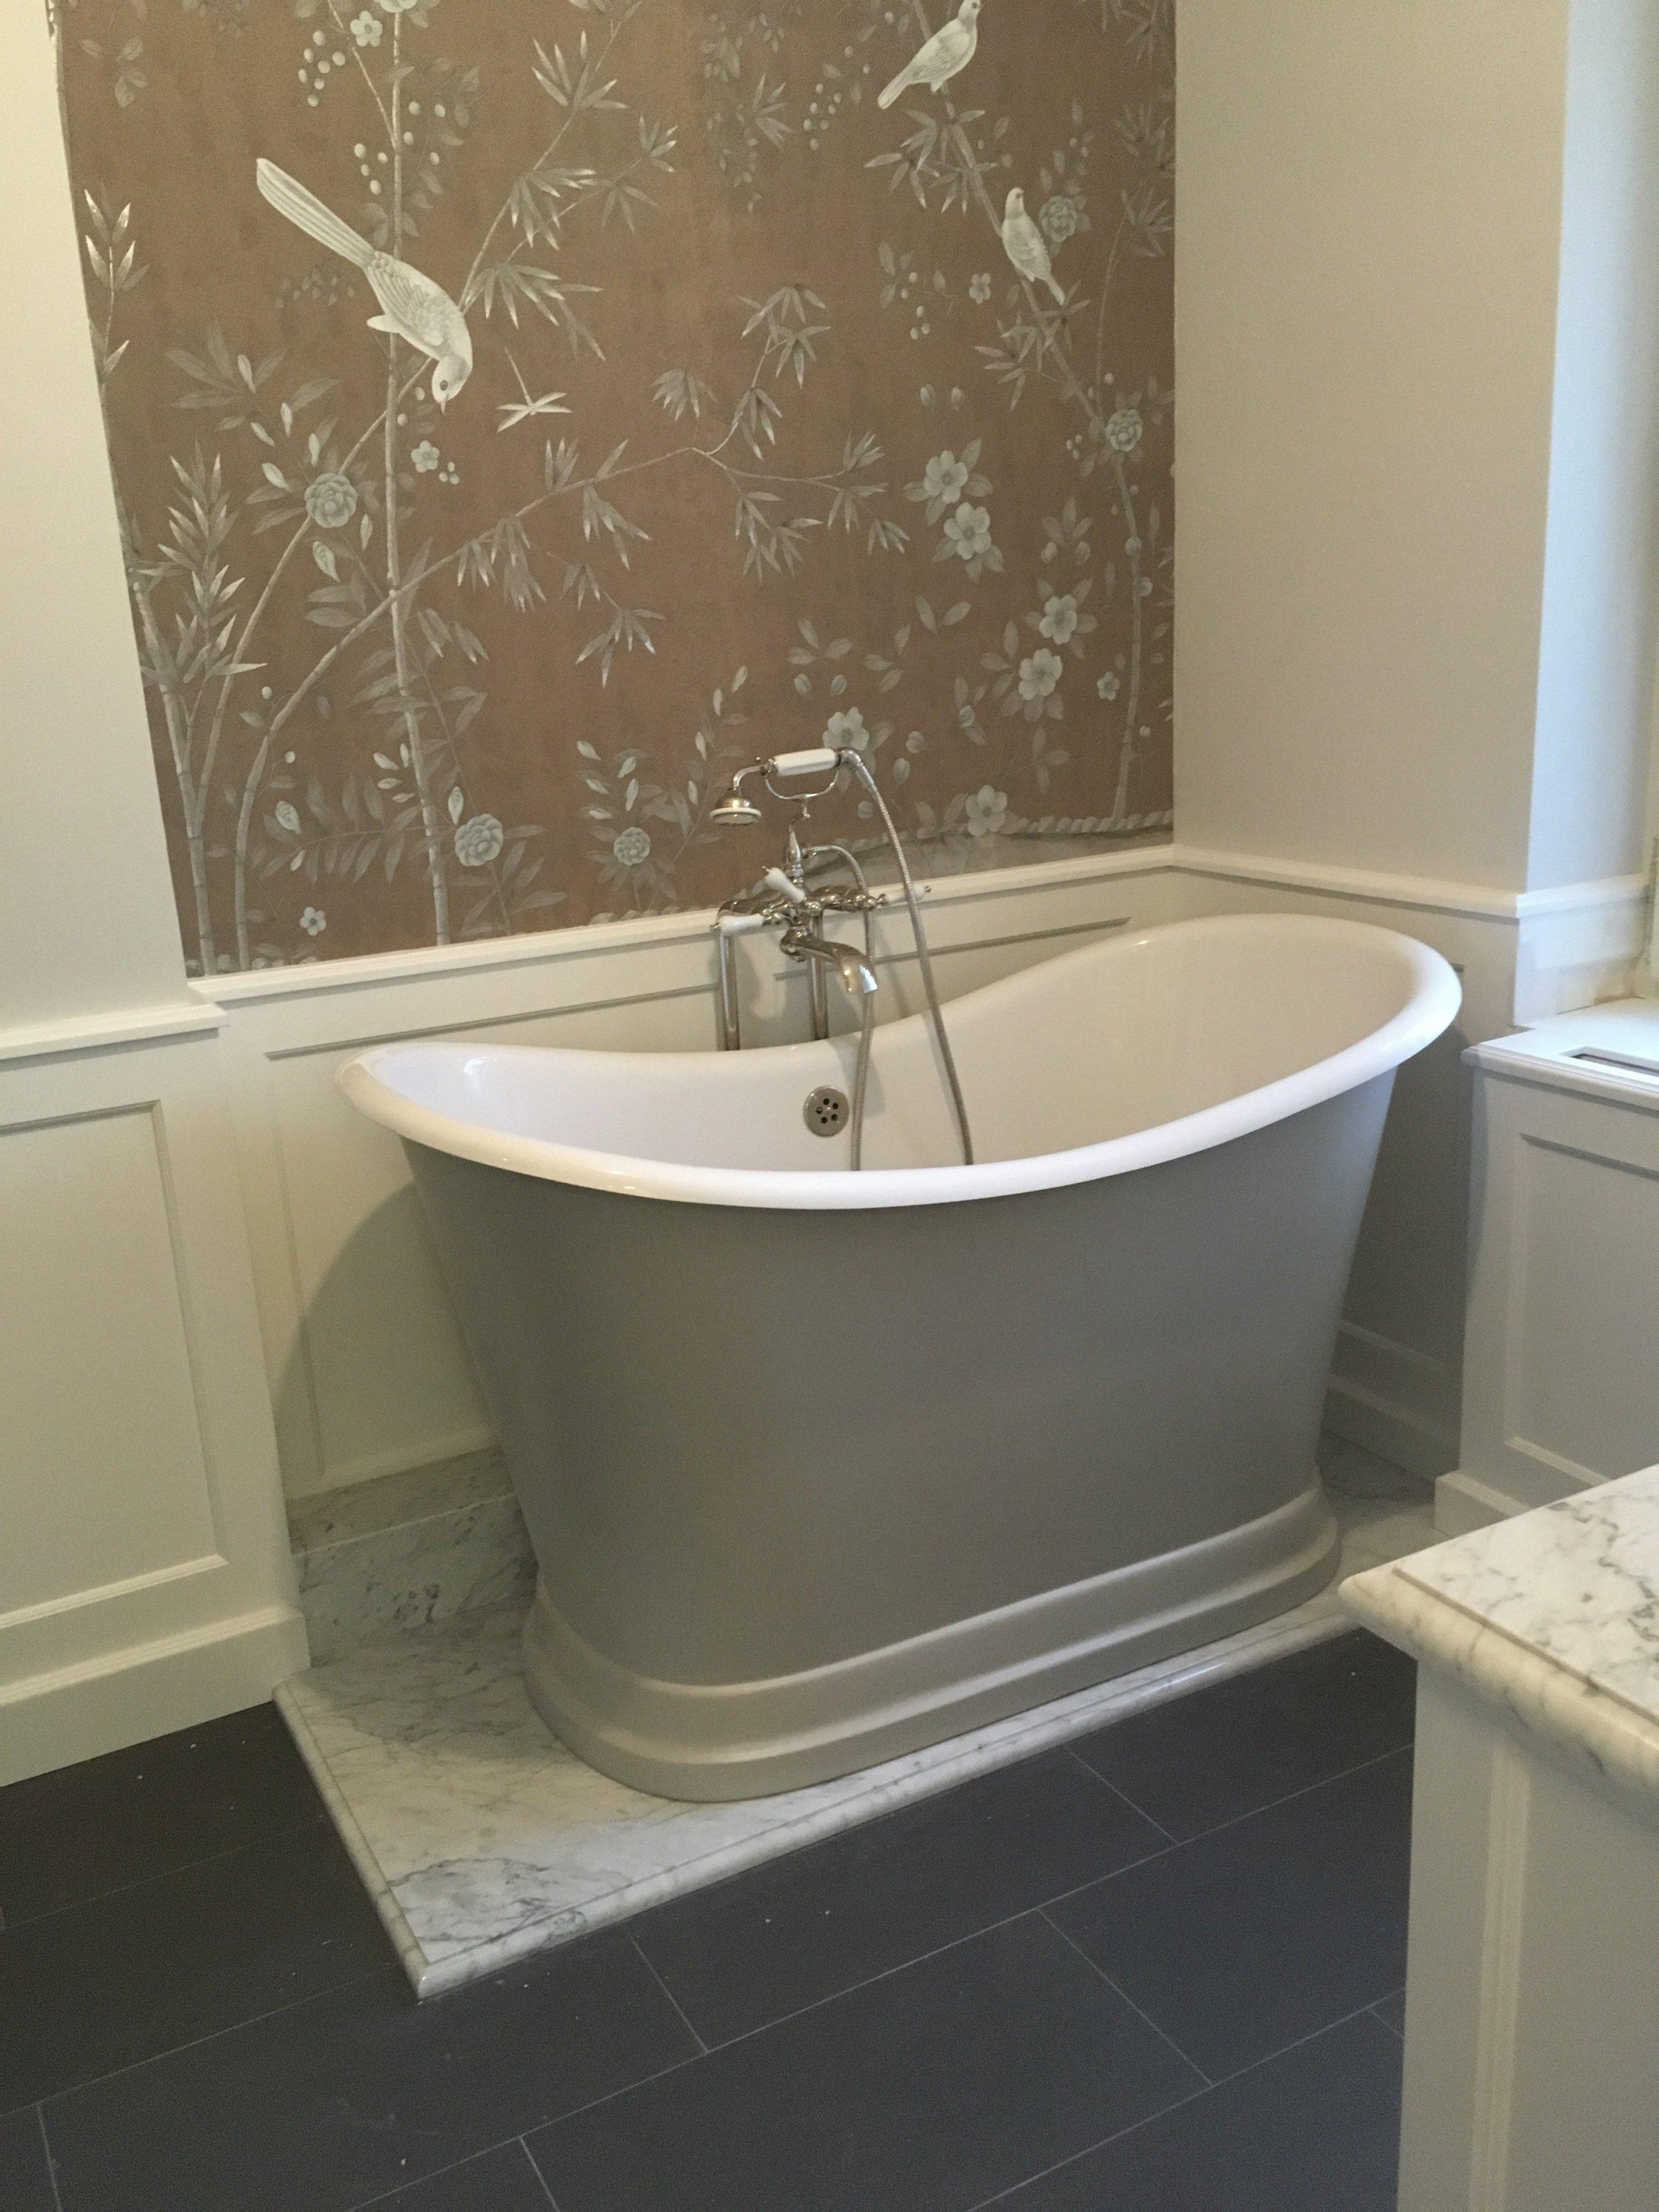 Pro klienta v Praze jsme vyrobili koupelnovýnábytek na míru včetně panelů na zdi.